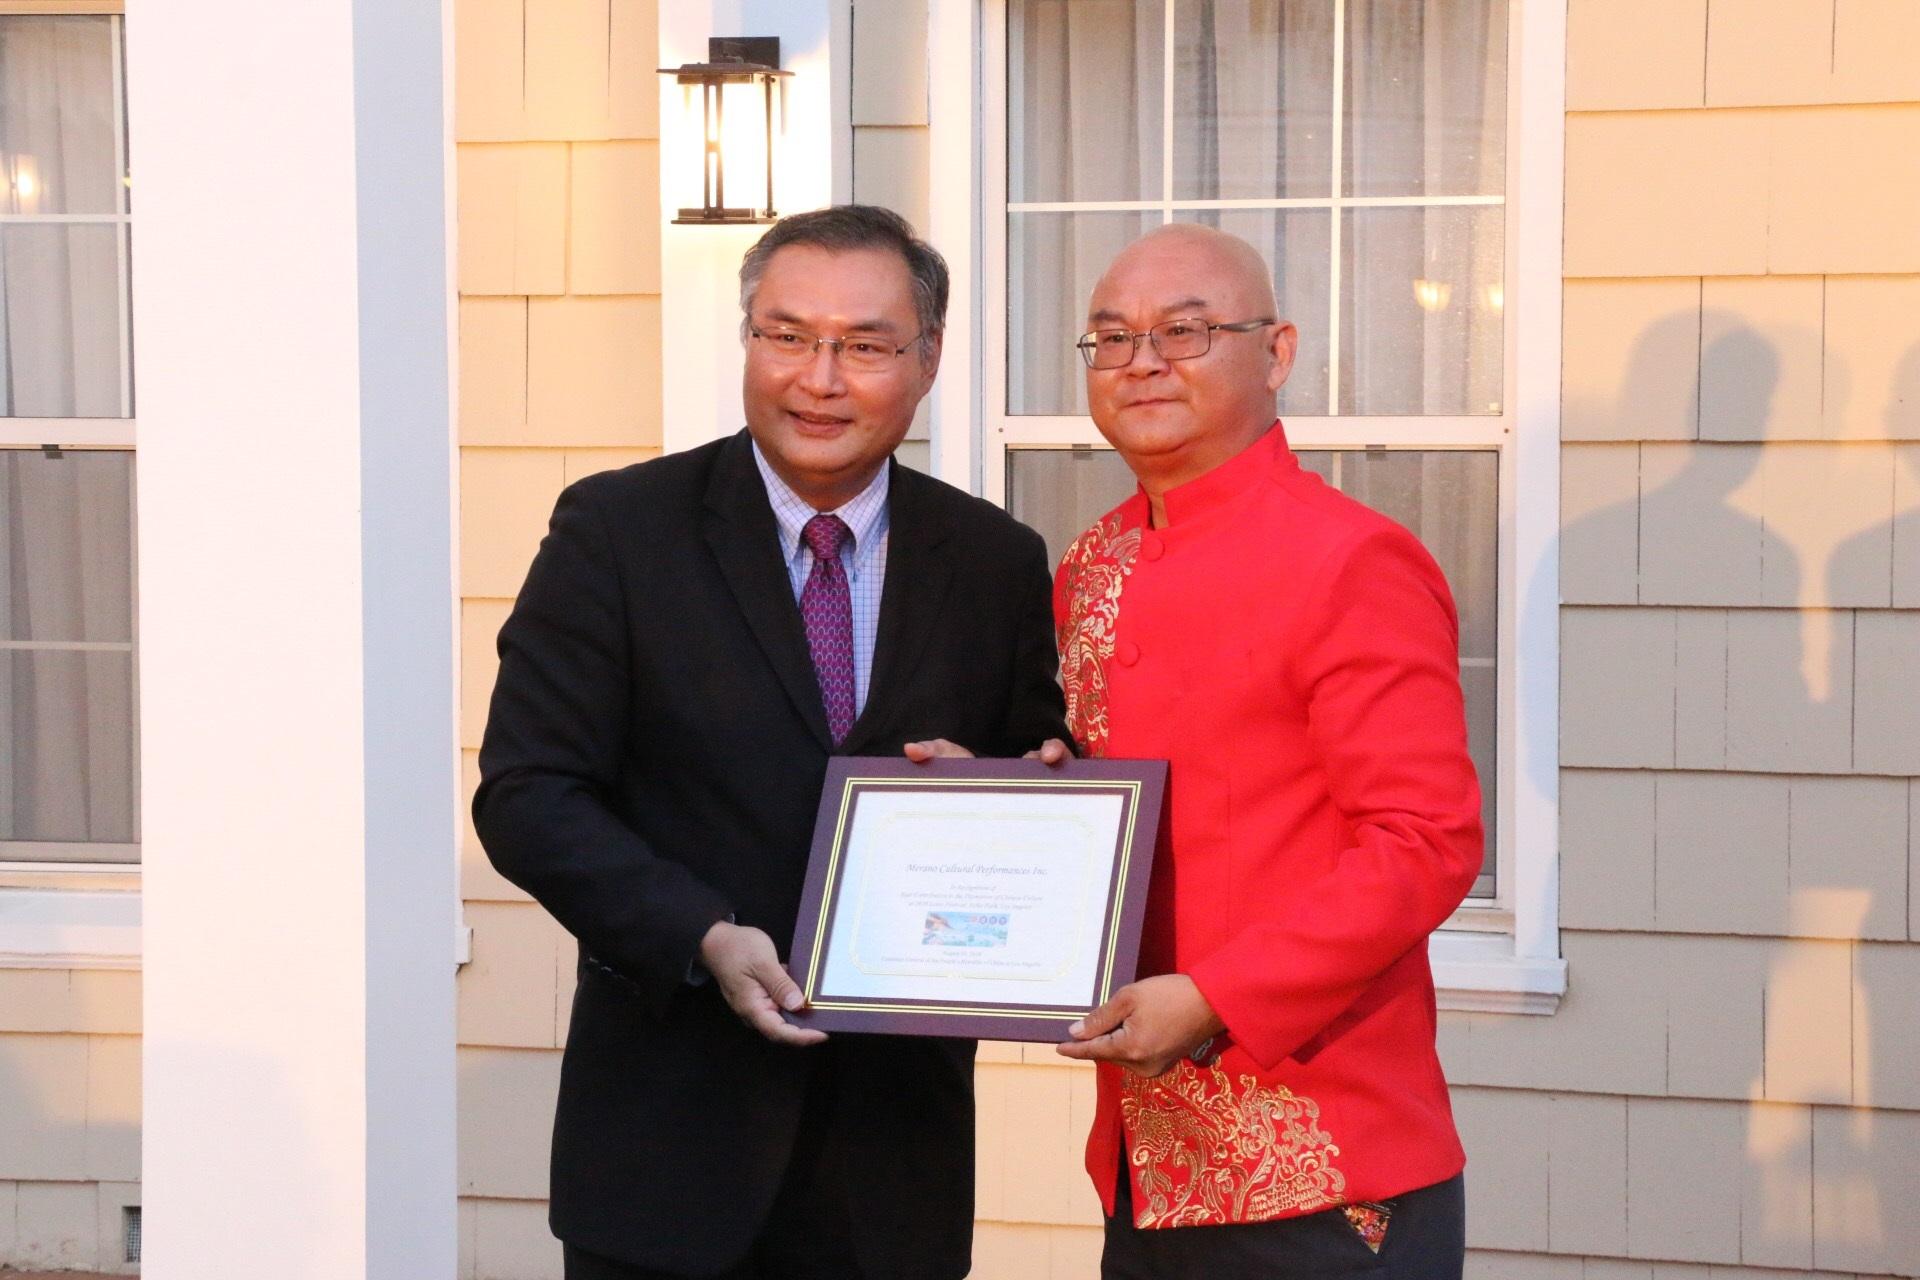 中华人民共和国驻洛杉矶总领事张平与美国中华国乐团团长树志明(褒奖令)(2018 - 8 -3)